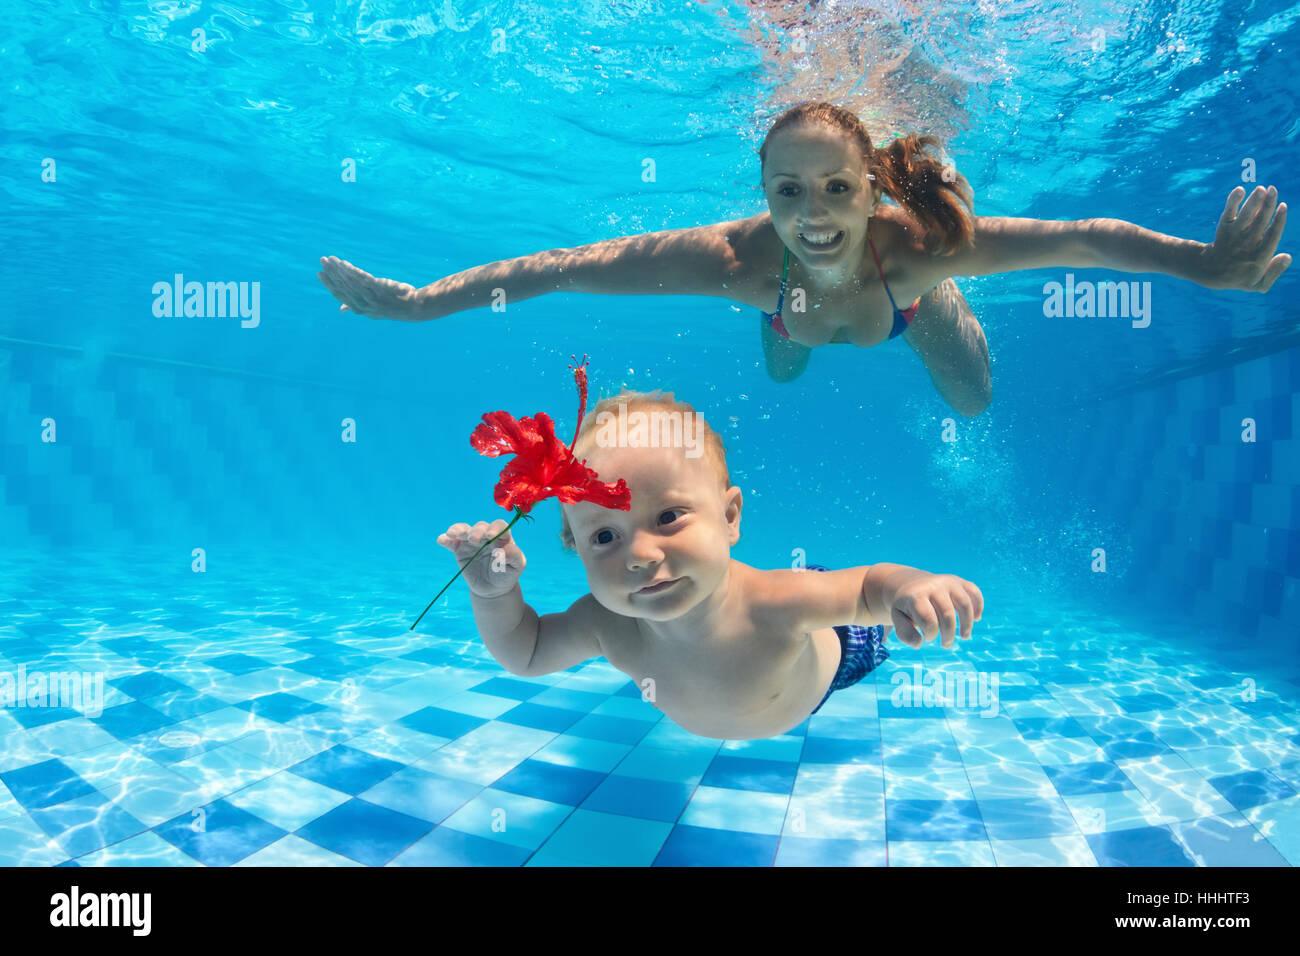 cbf837a241883e Famiglia fitness - happy madre e figlio bambino imparare nuotare e tuffarsi  underwater con il divertimento in piscina. Uno stile di vita attivo, sport  ...